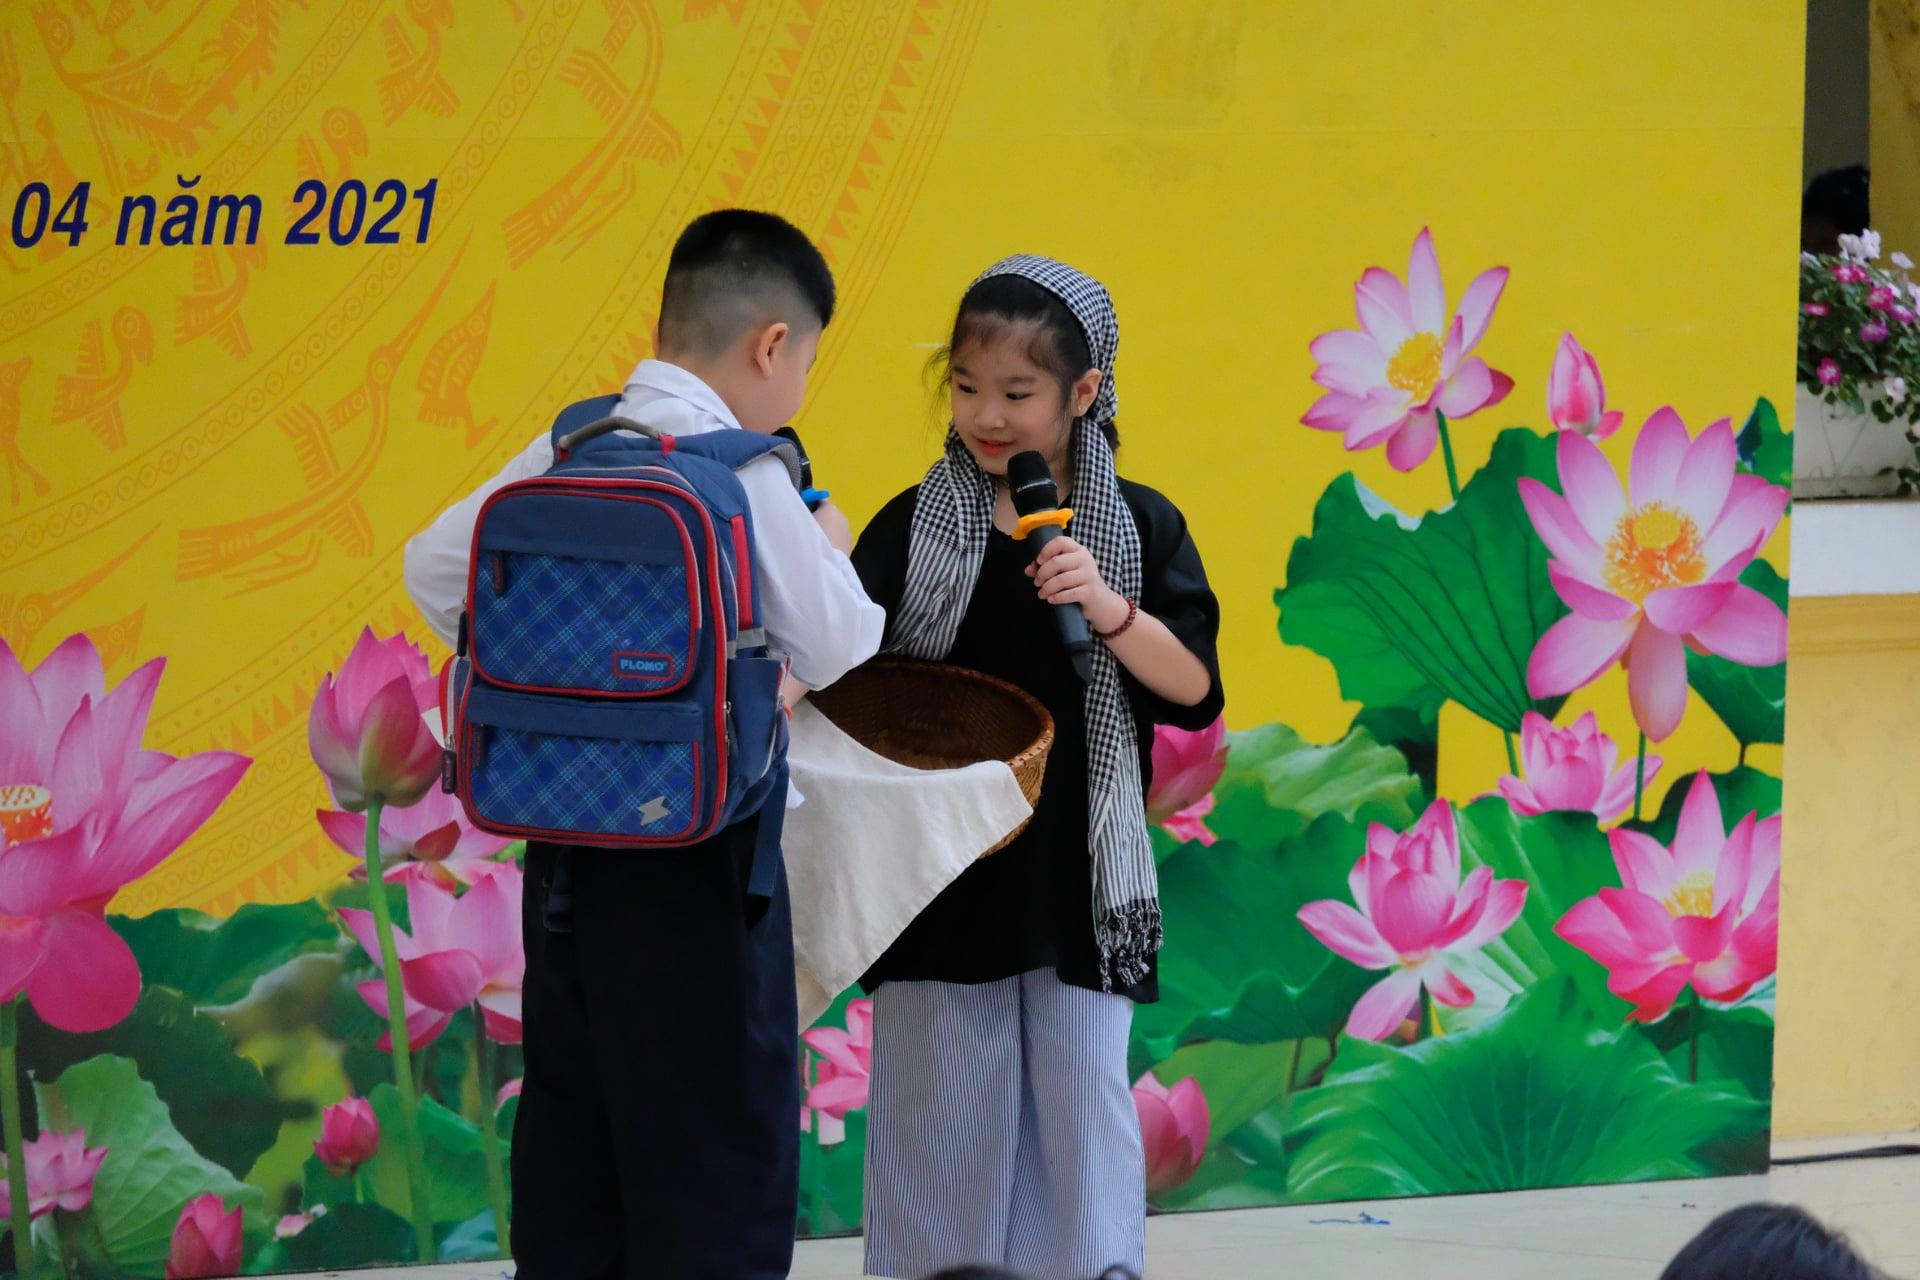 Con trai BTV Quang Minh mới lớp 1 đã làm host chương trình tầm cỡ quốc tế, làm hành động với bạn nữ được bố khen nức nở - Ảnh 4.